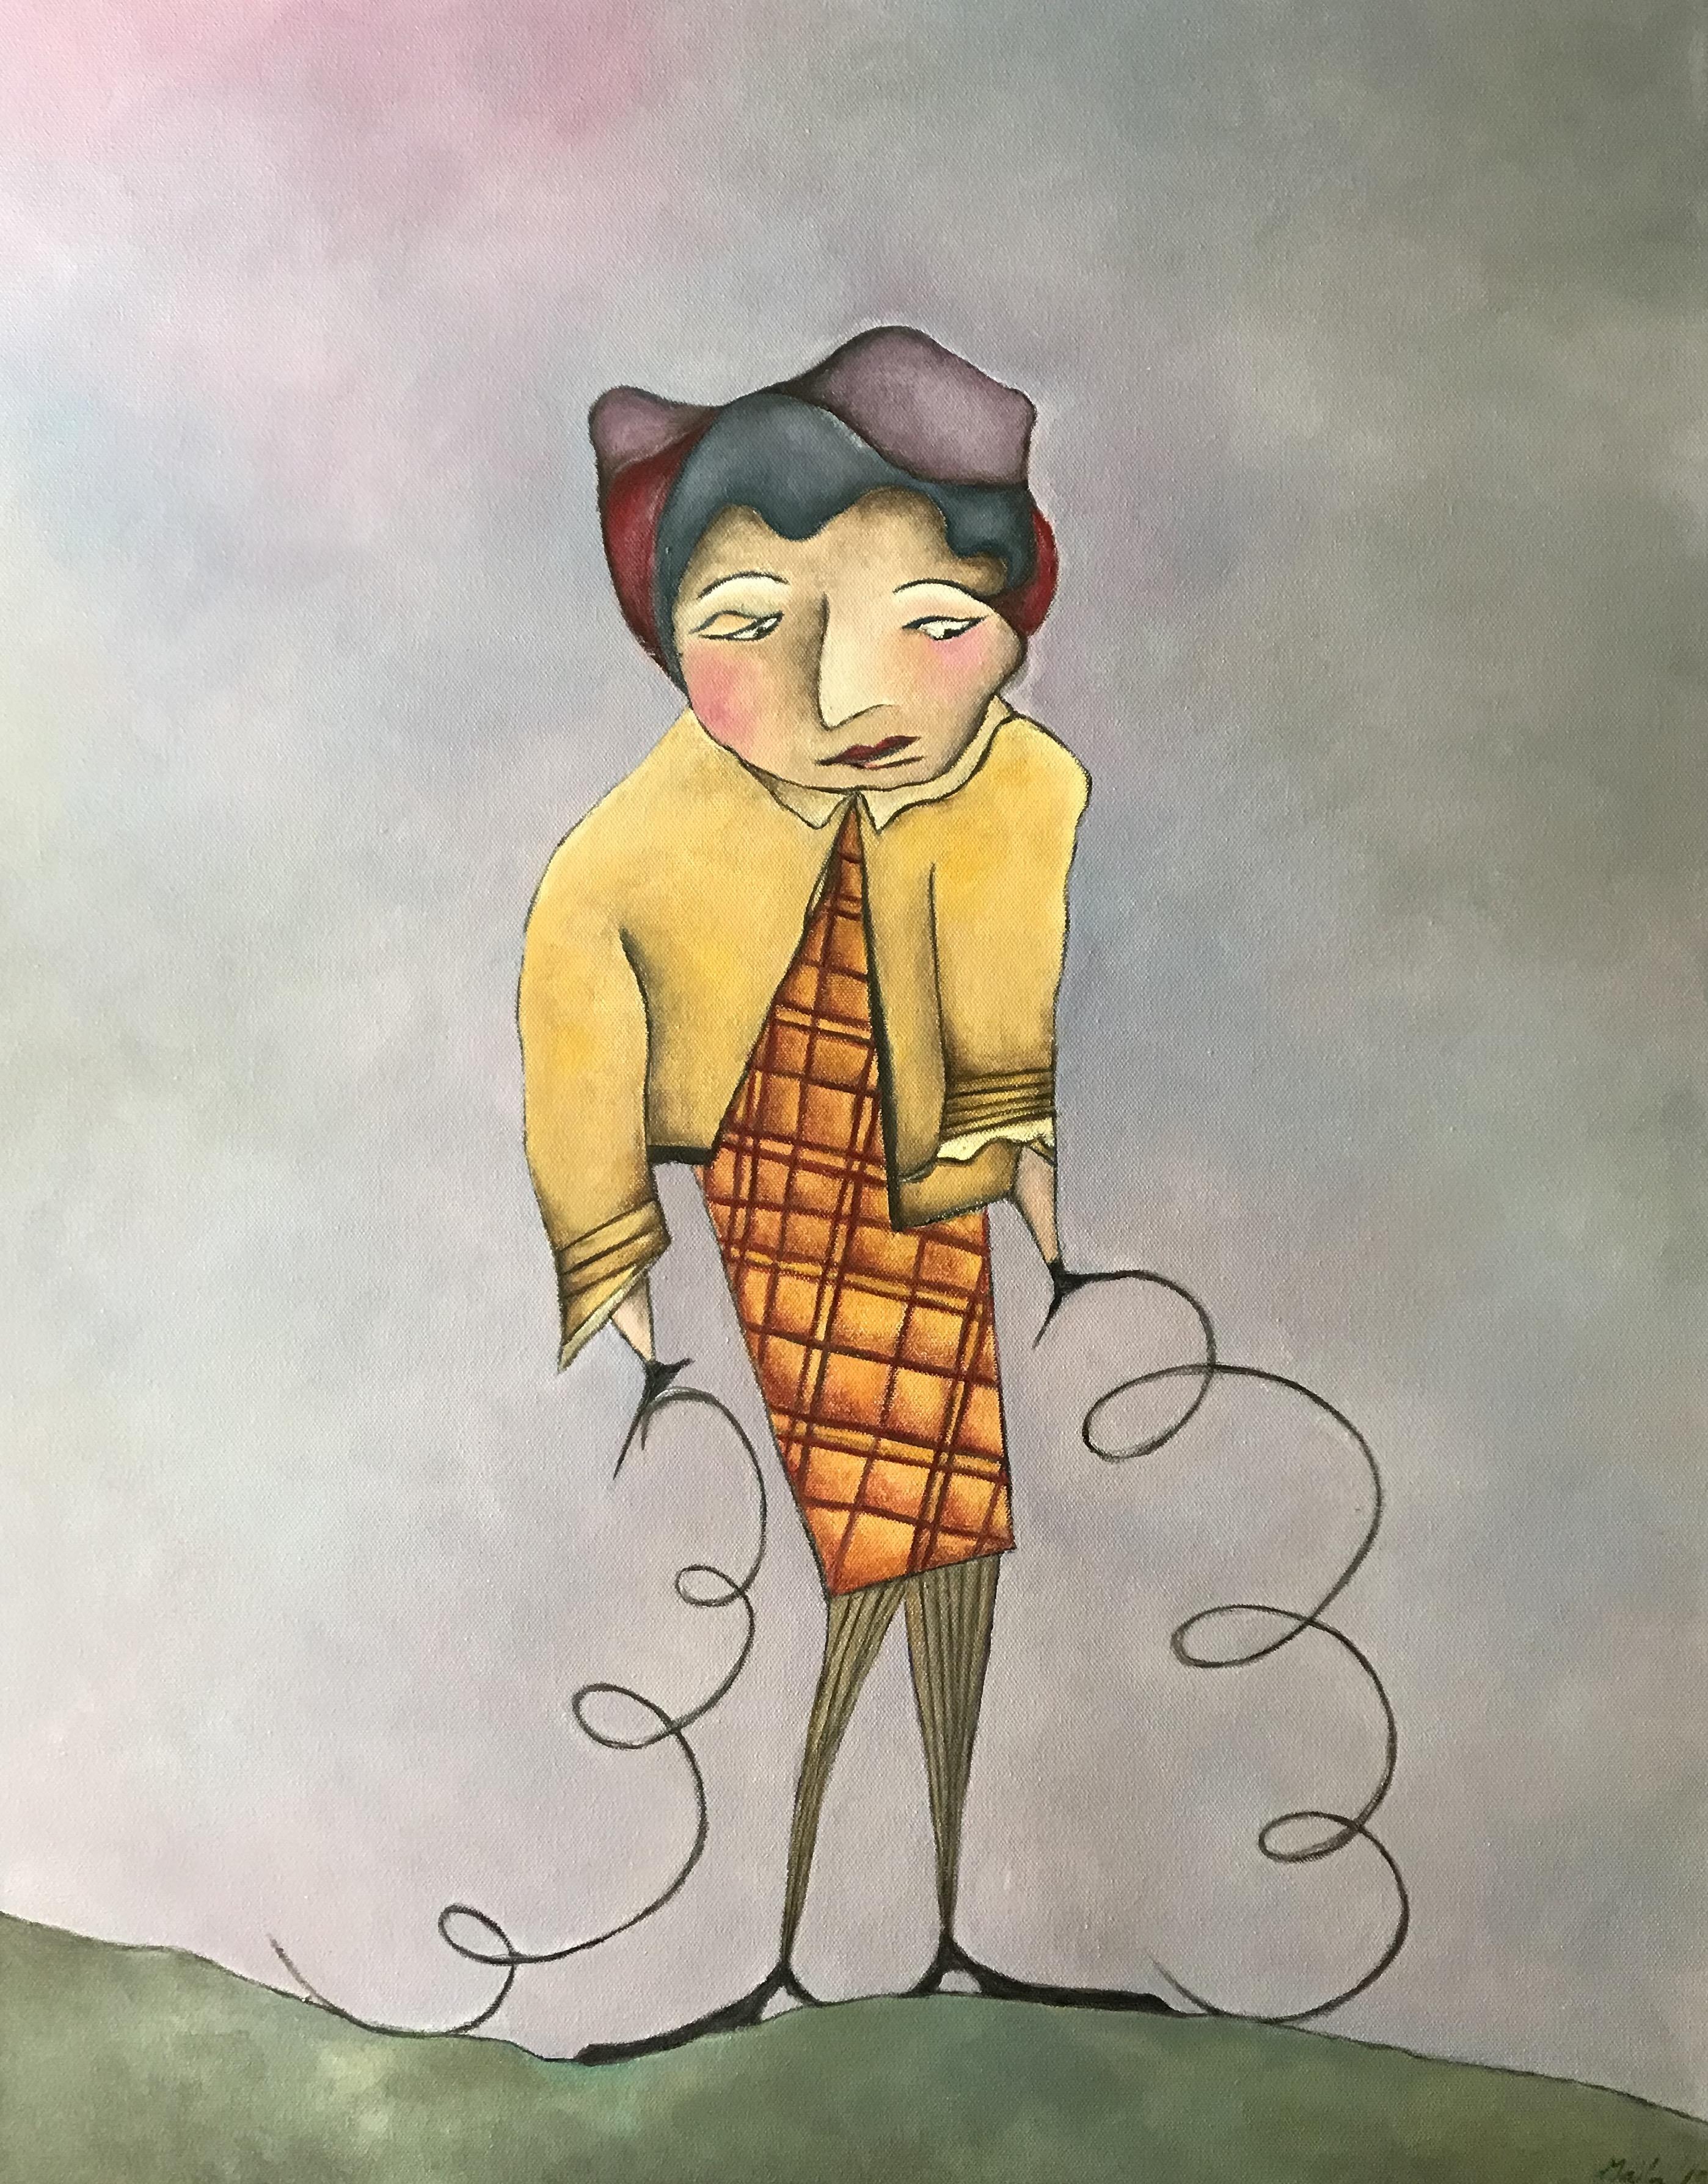 Thelma_painting.jpg